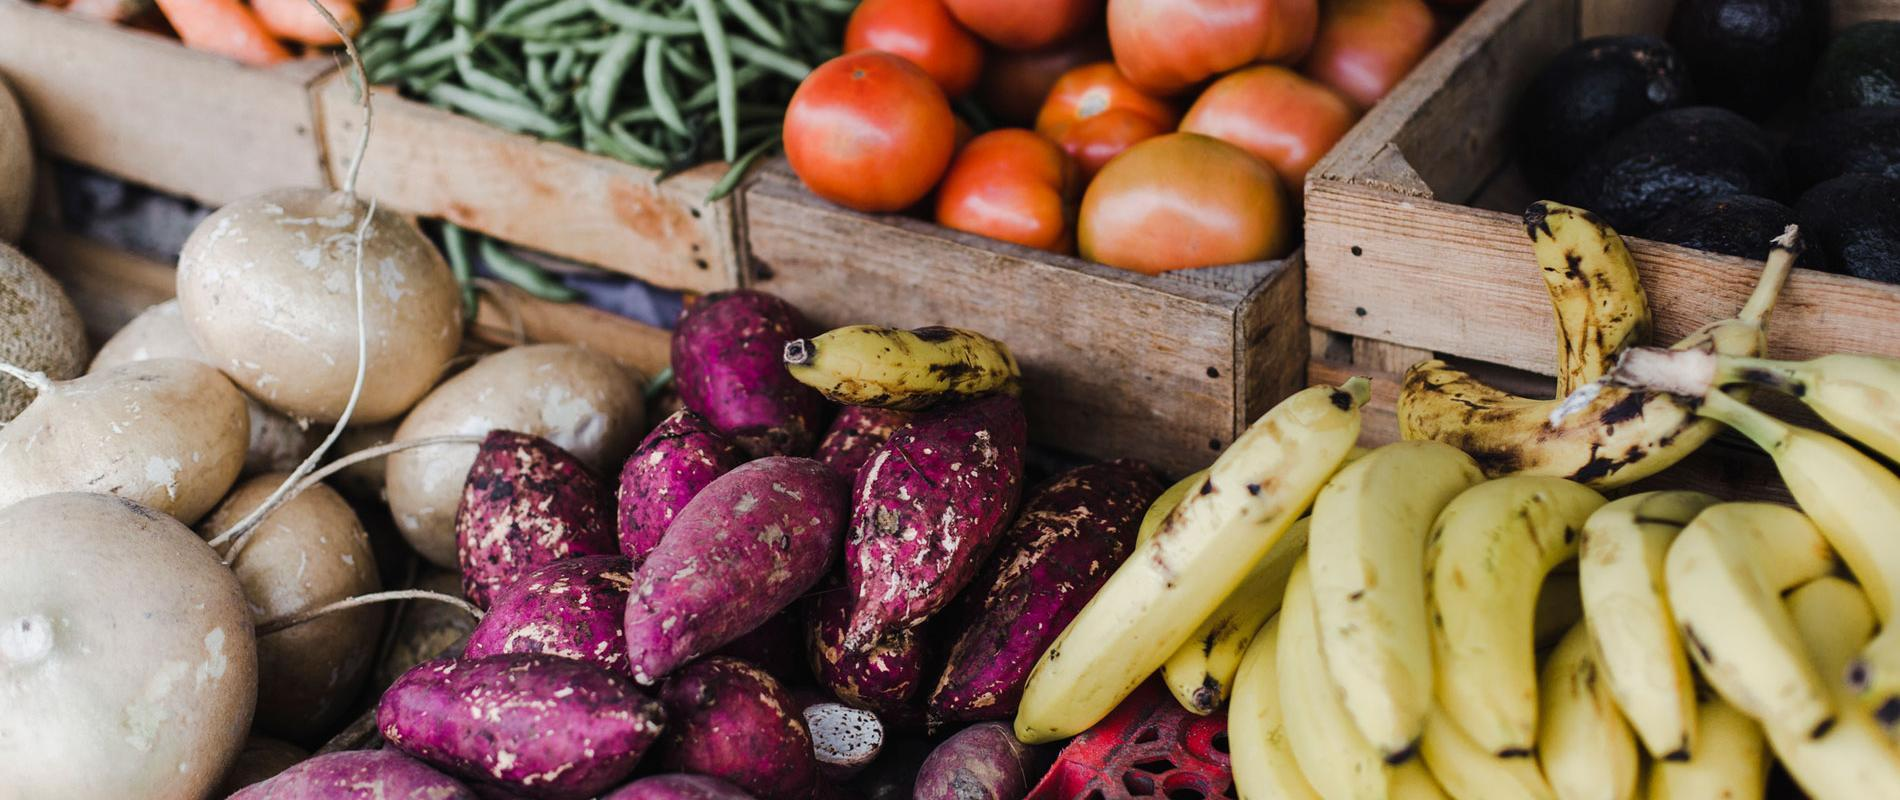 哪些果蔬被采摘后还会继续成熟?教你做个买菜达人